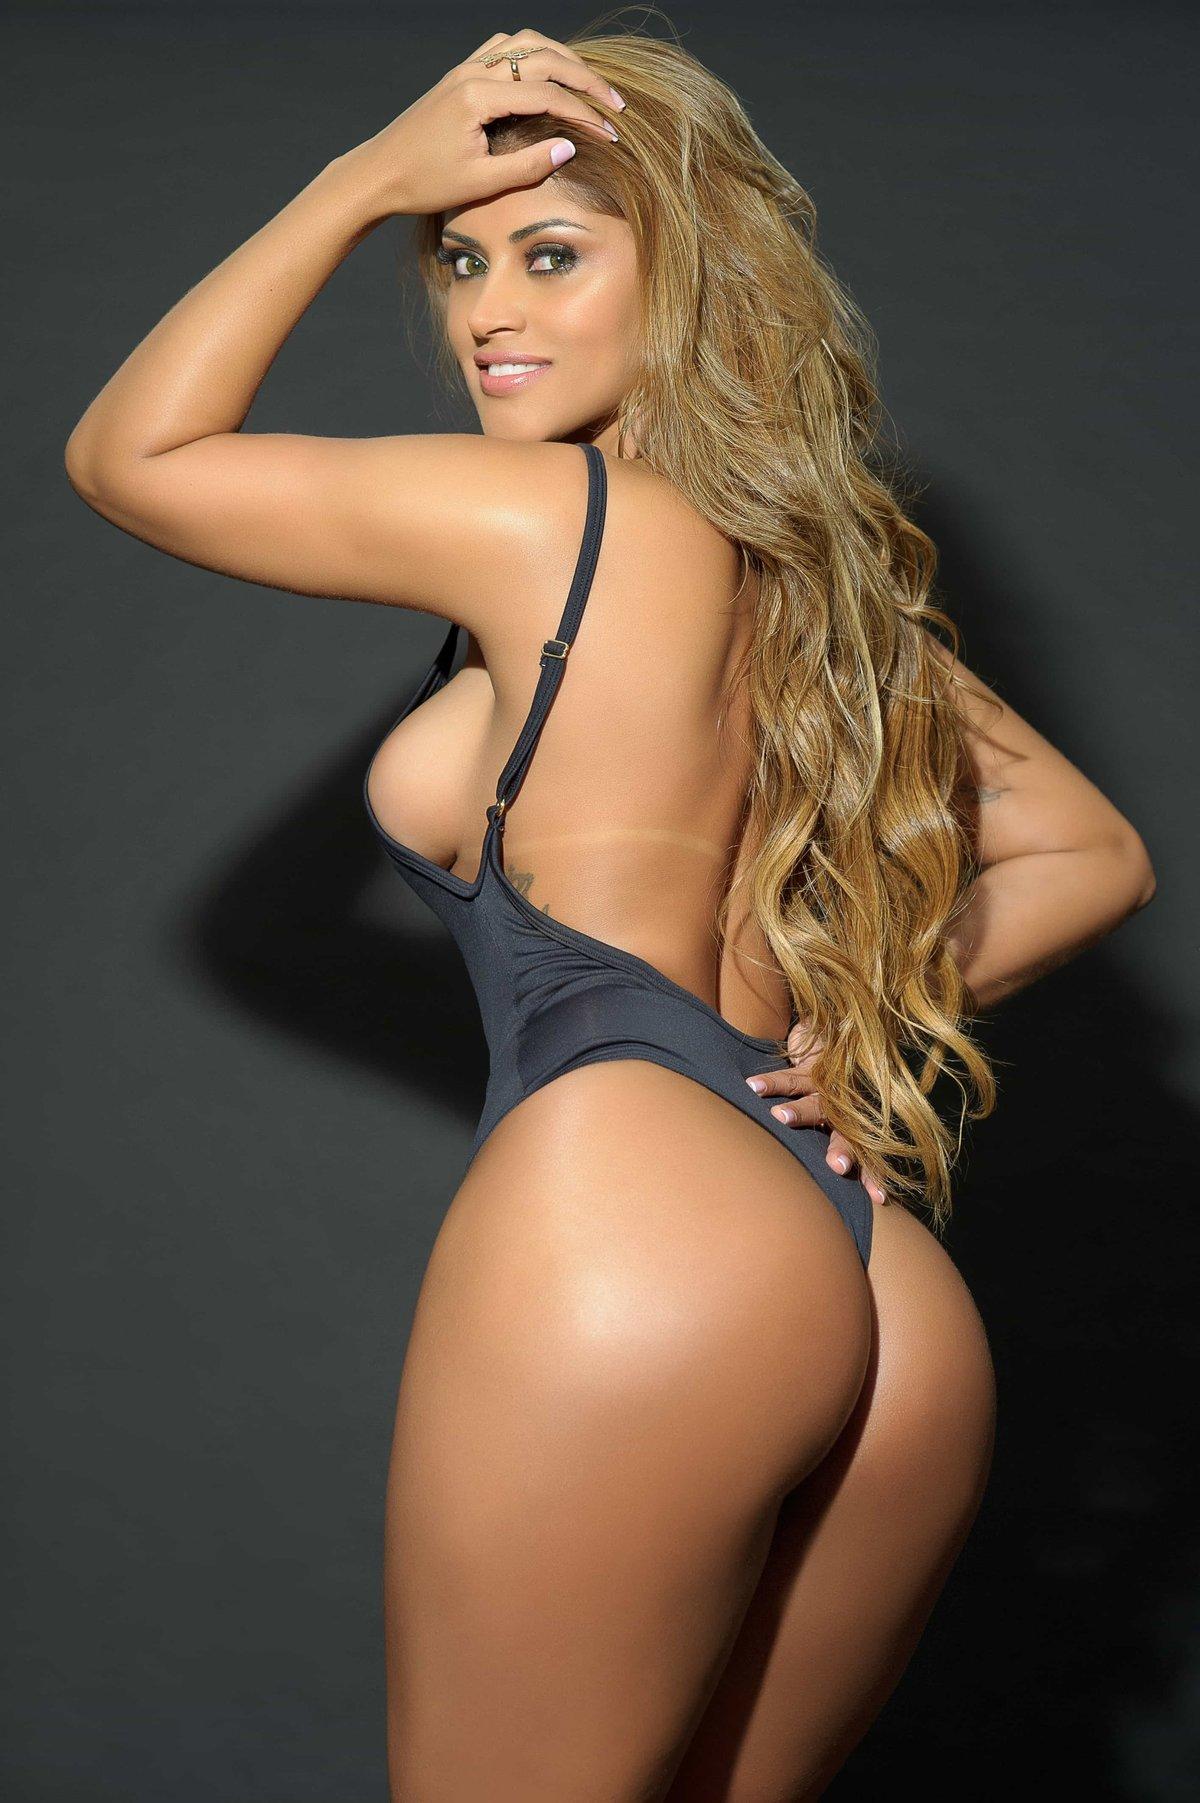 Модели попами фото, голые девушки порнографическое видео